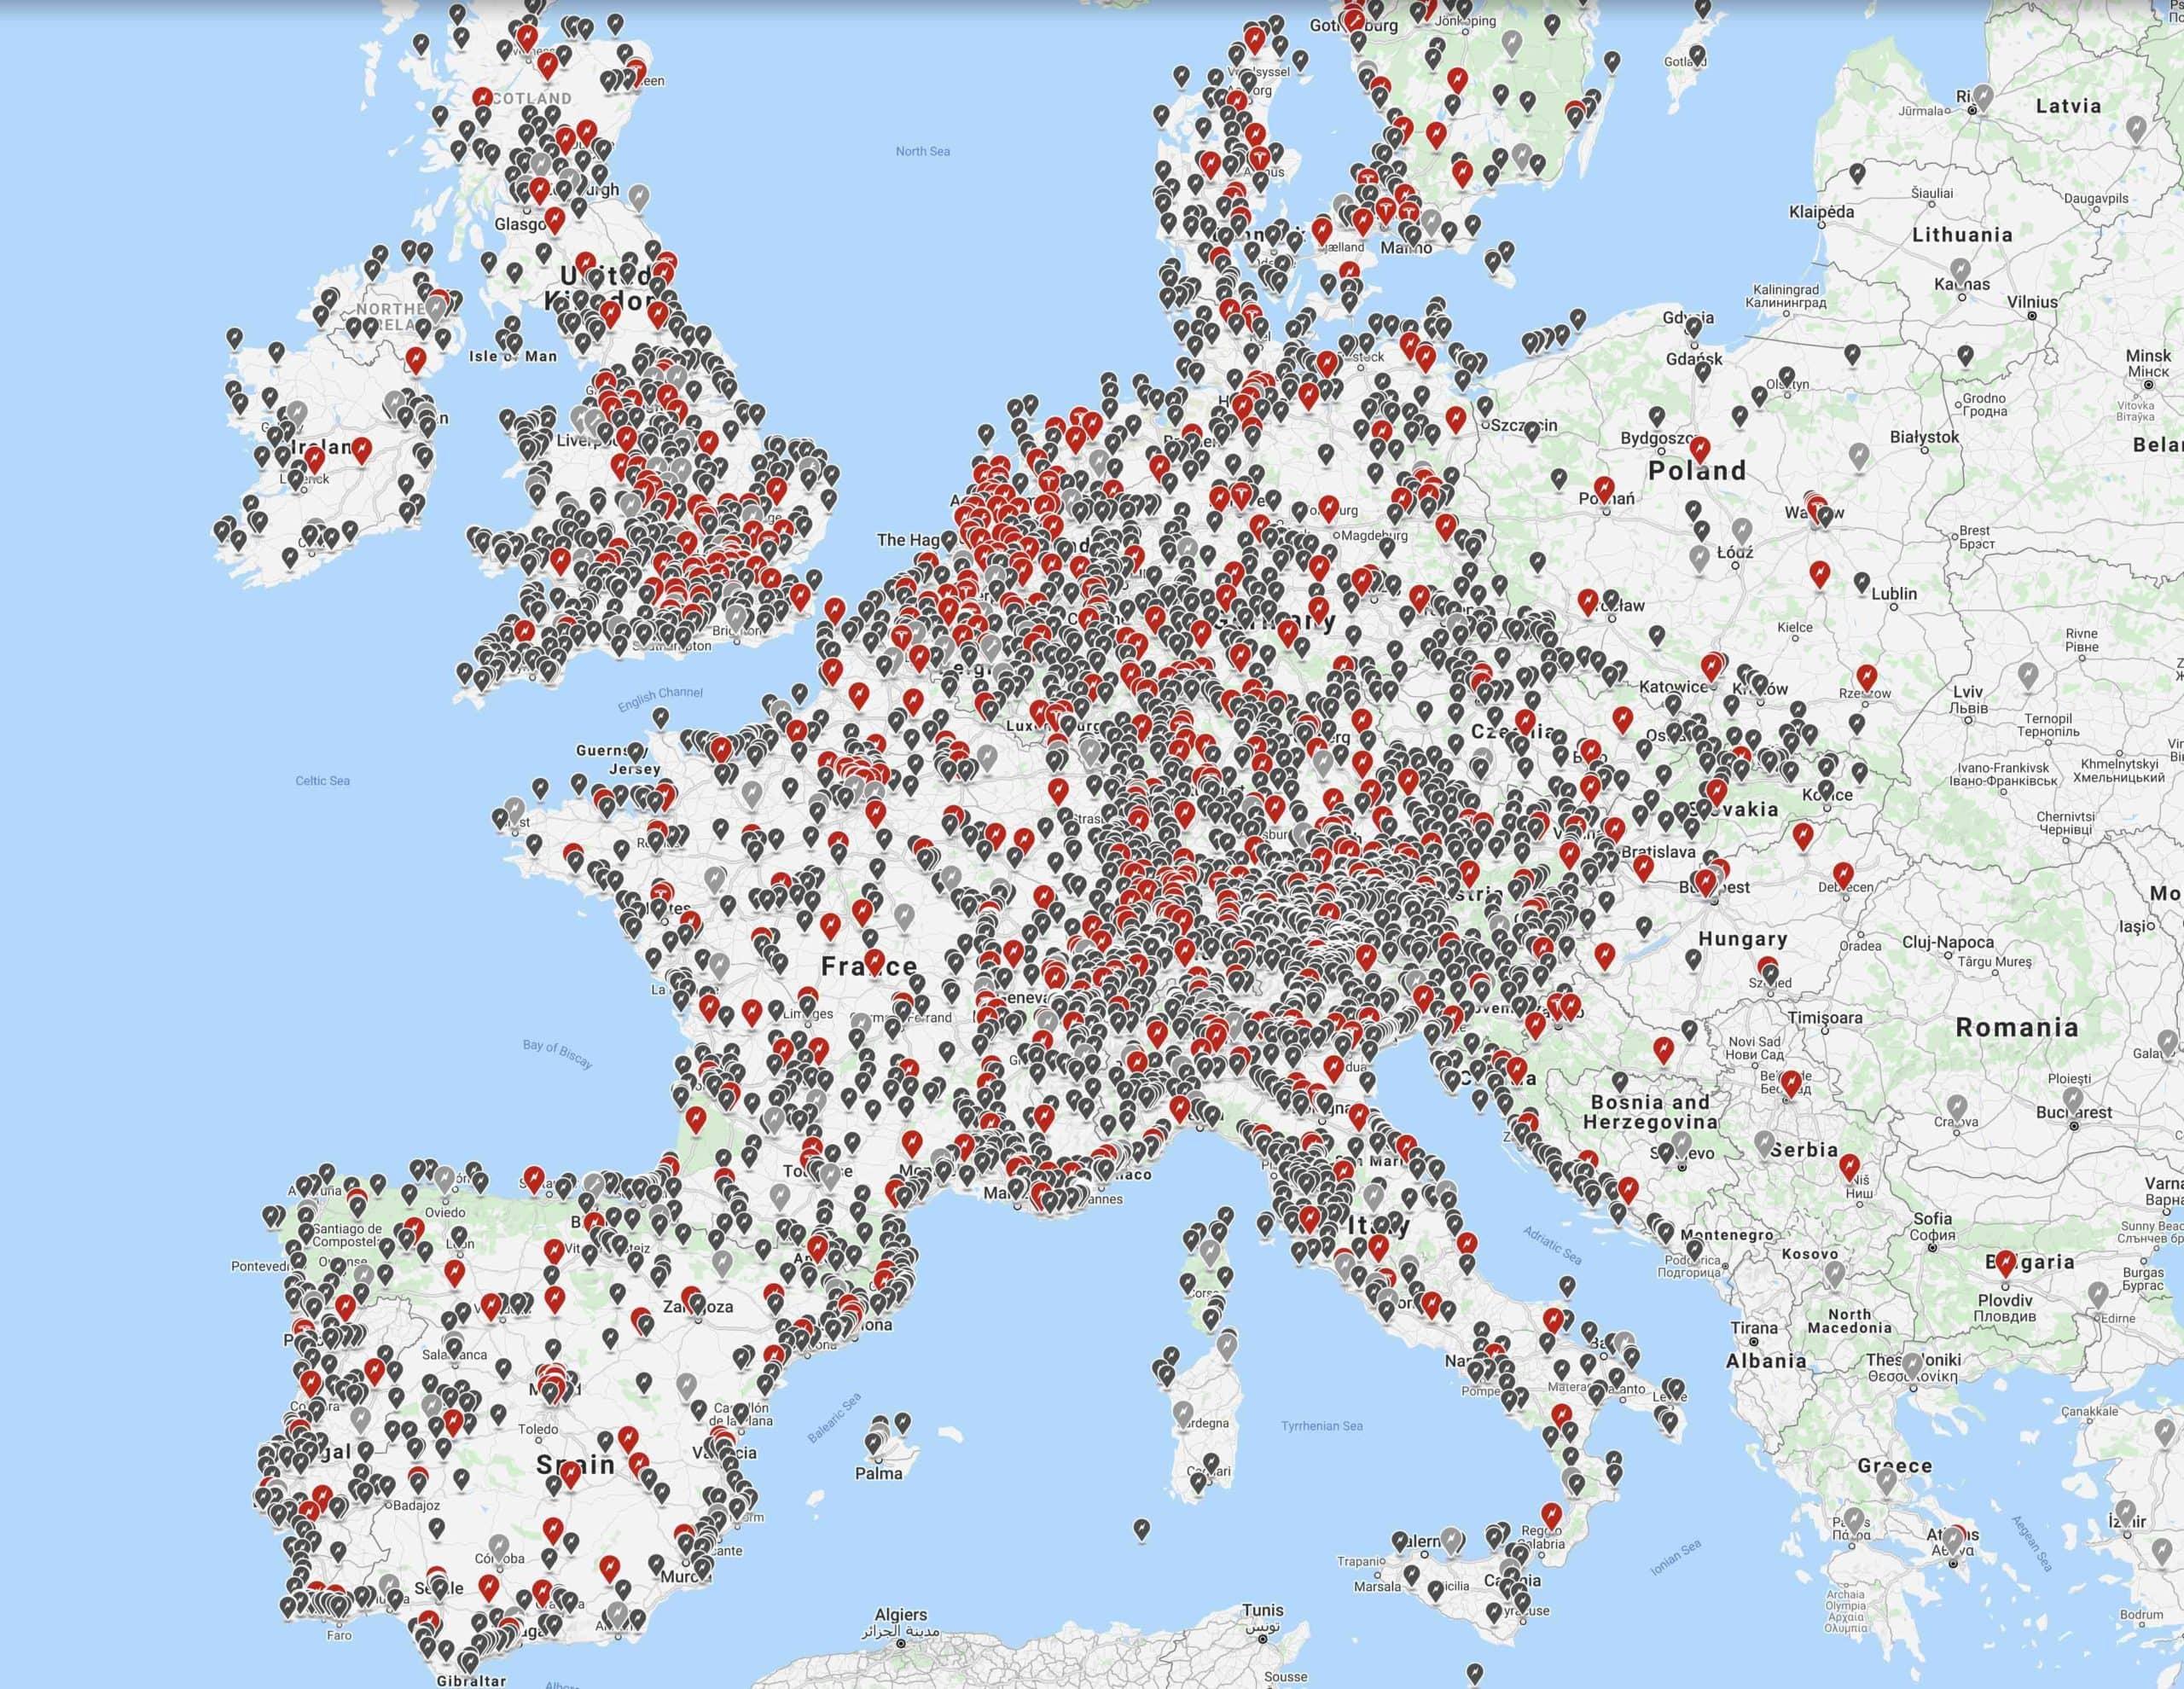 Localización de vehículos eléctricos en Europa